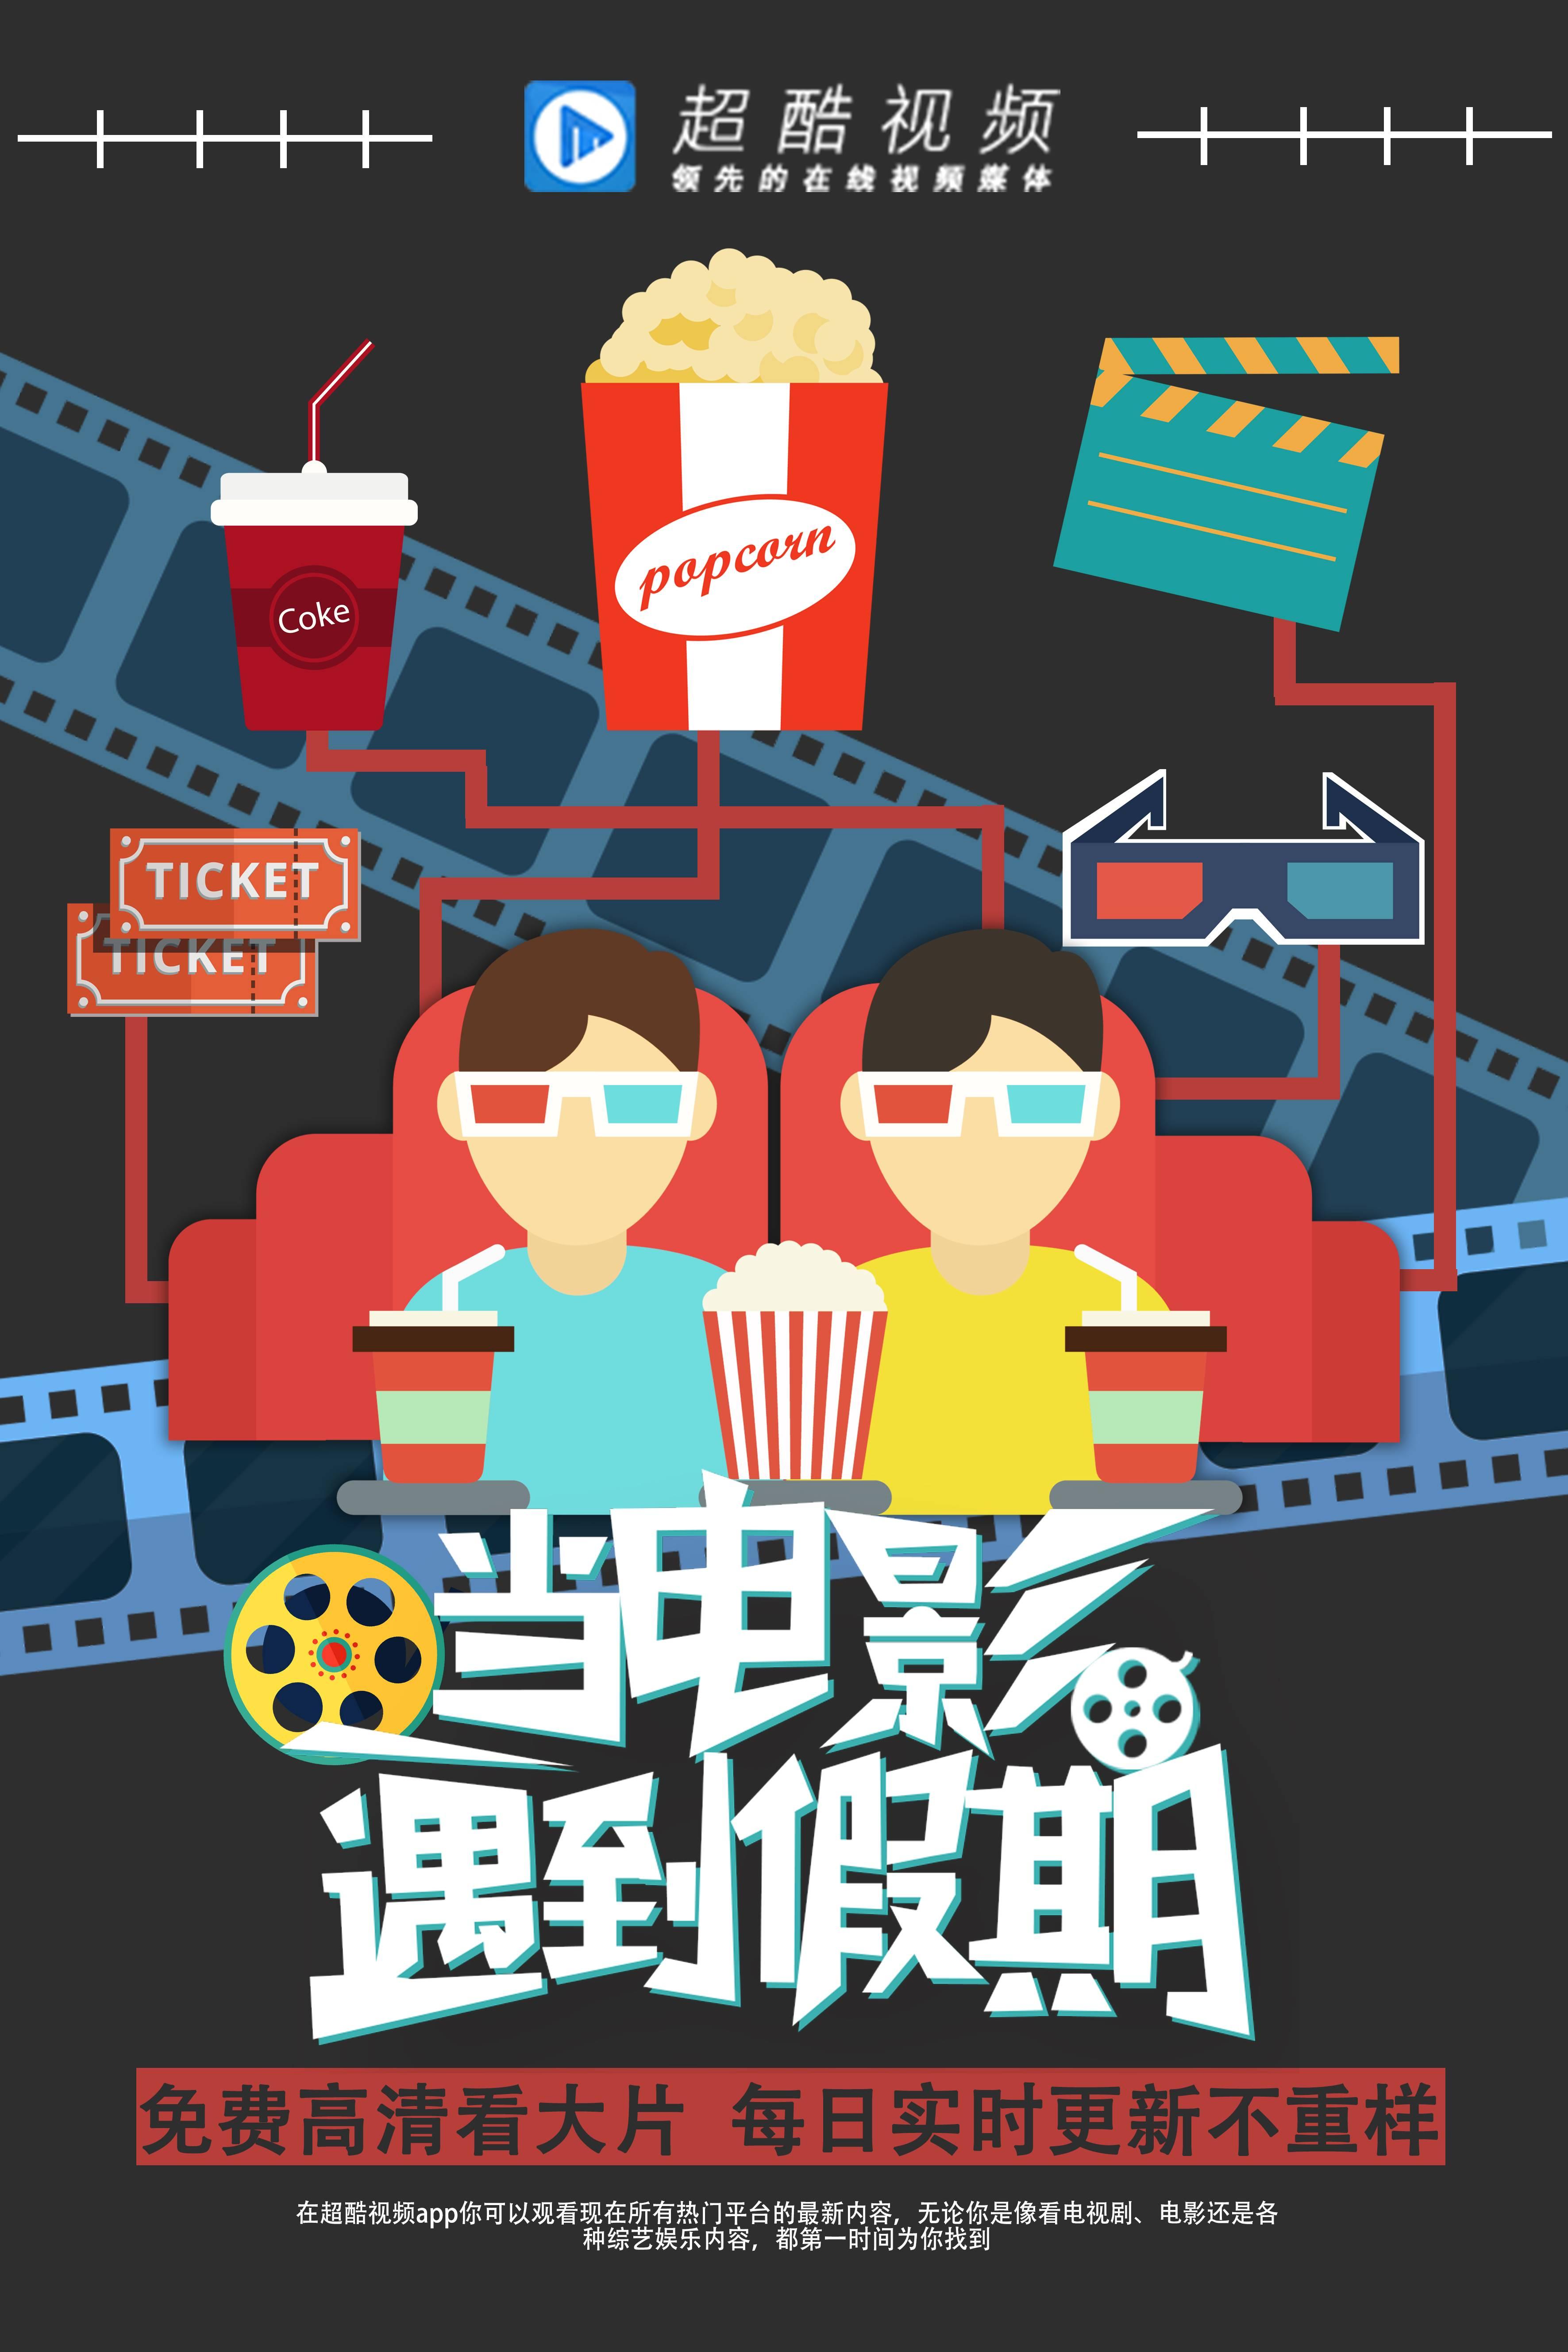 超酷视频周末影院:4部电影,相伴你度过这个周末!